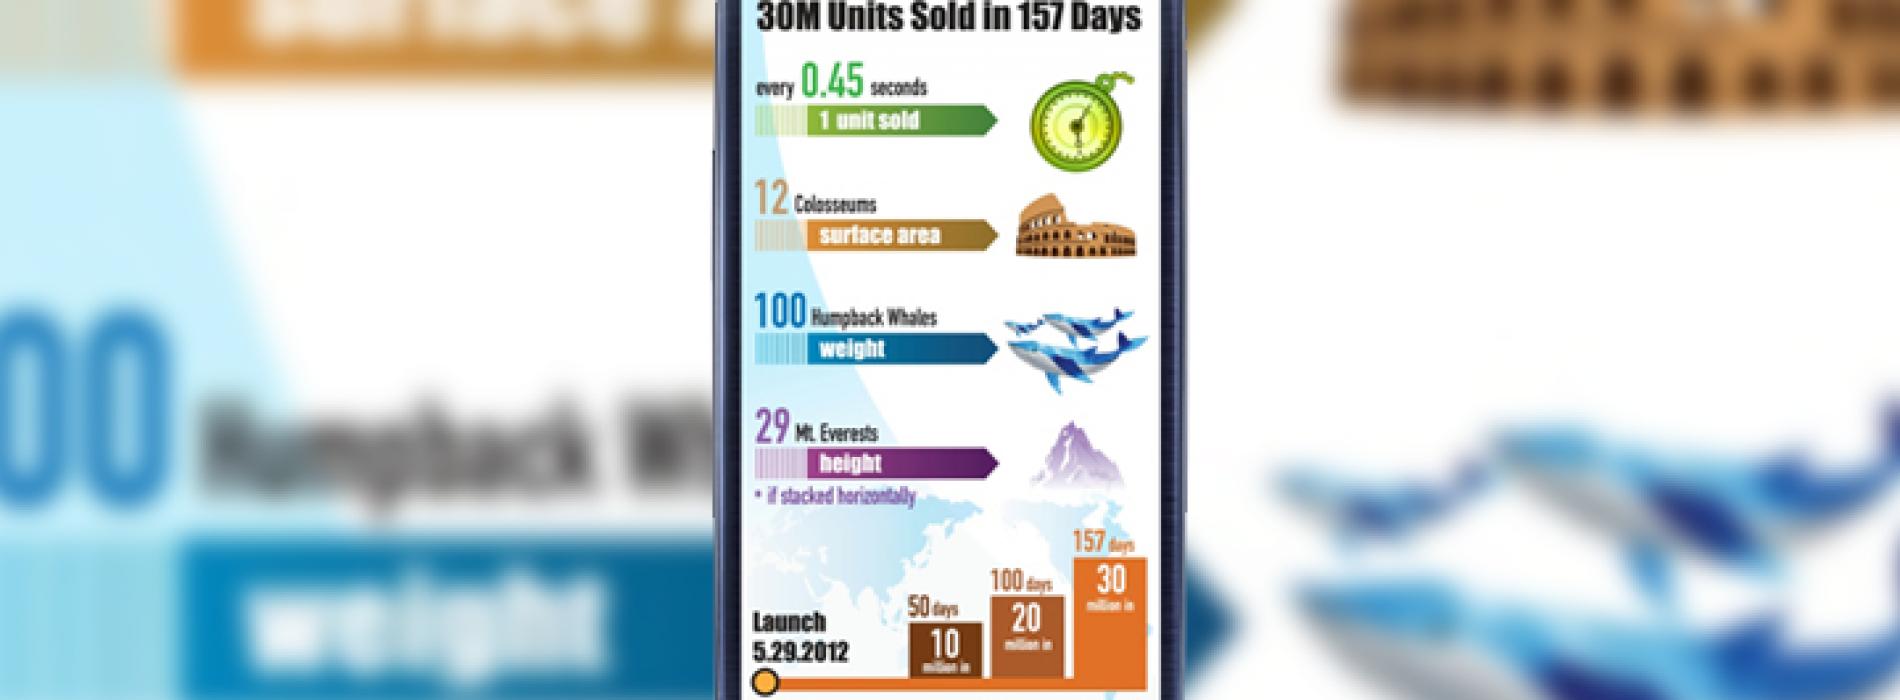 Samsung tops 30 million Galaxy S III sales well ahead of schedule